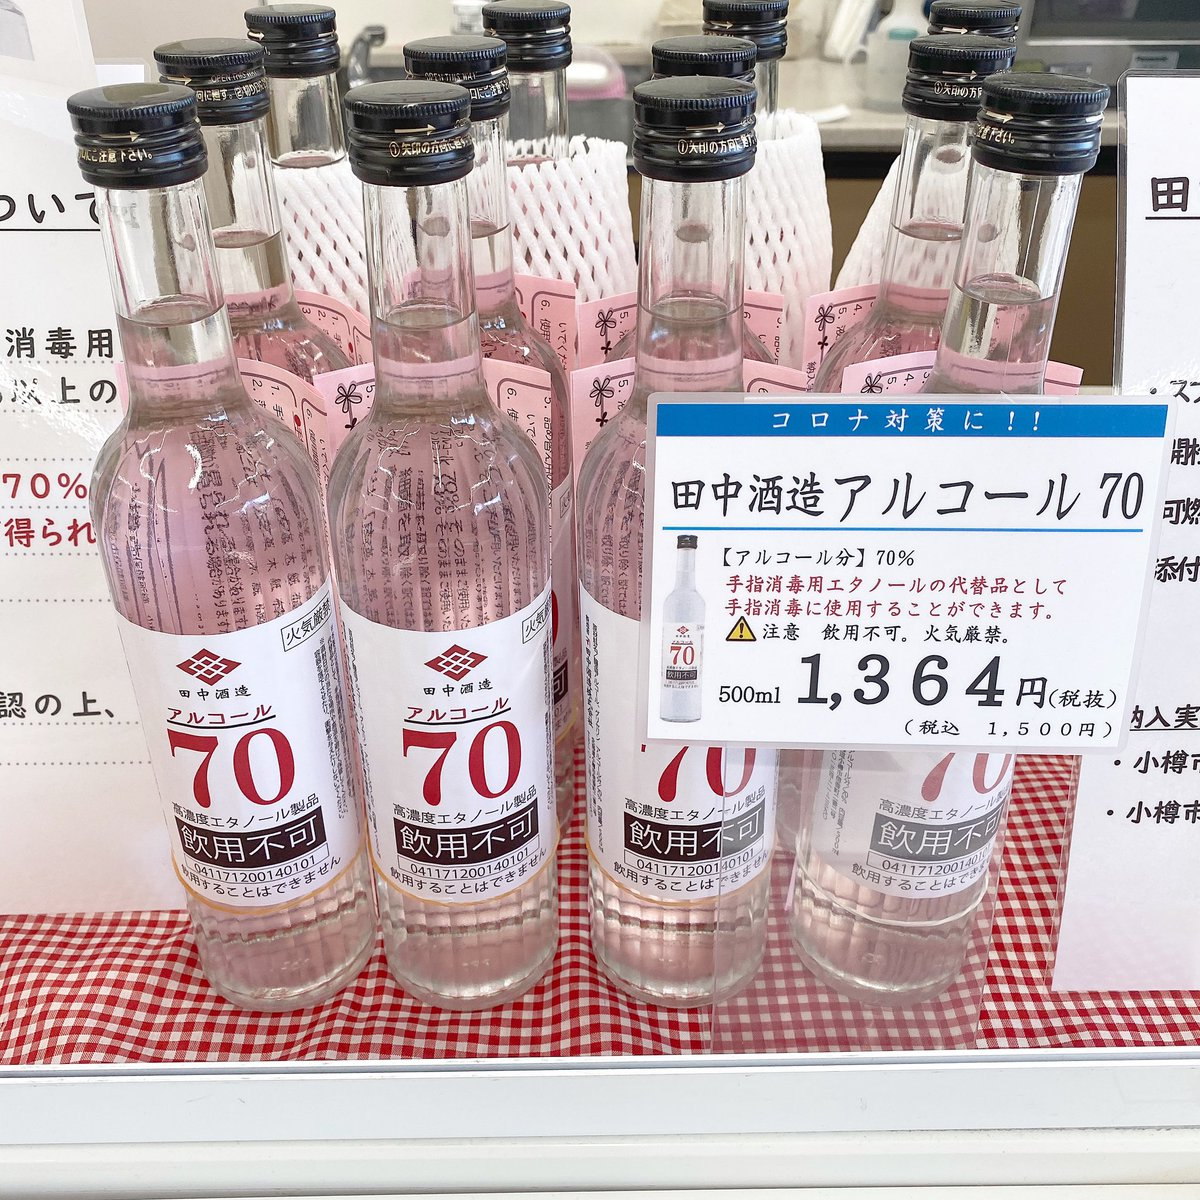 test ツイッターメディア - 亀甲蔵横のセブンイレブン小樽信香店でも、田中酒造アルコール70を販売しています。  このセブンイレブンも田中酒造の店舗なんですよ🏪 https://t.co/15Msn1uvQS